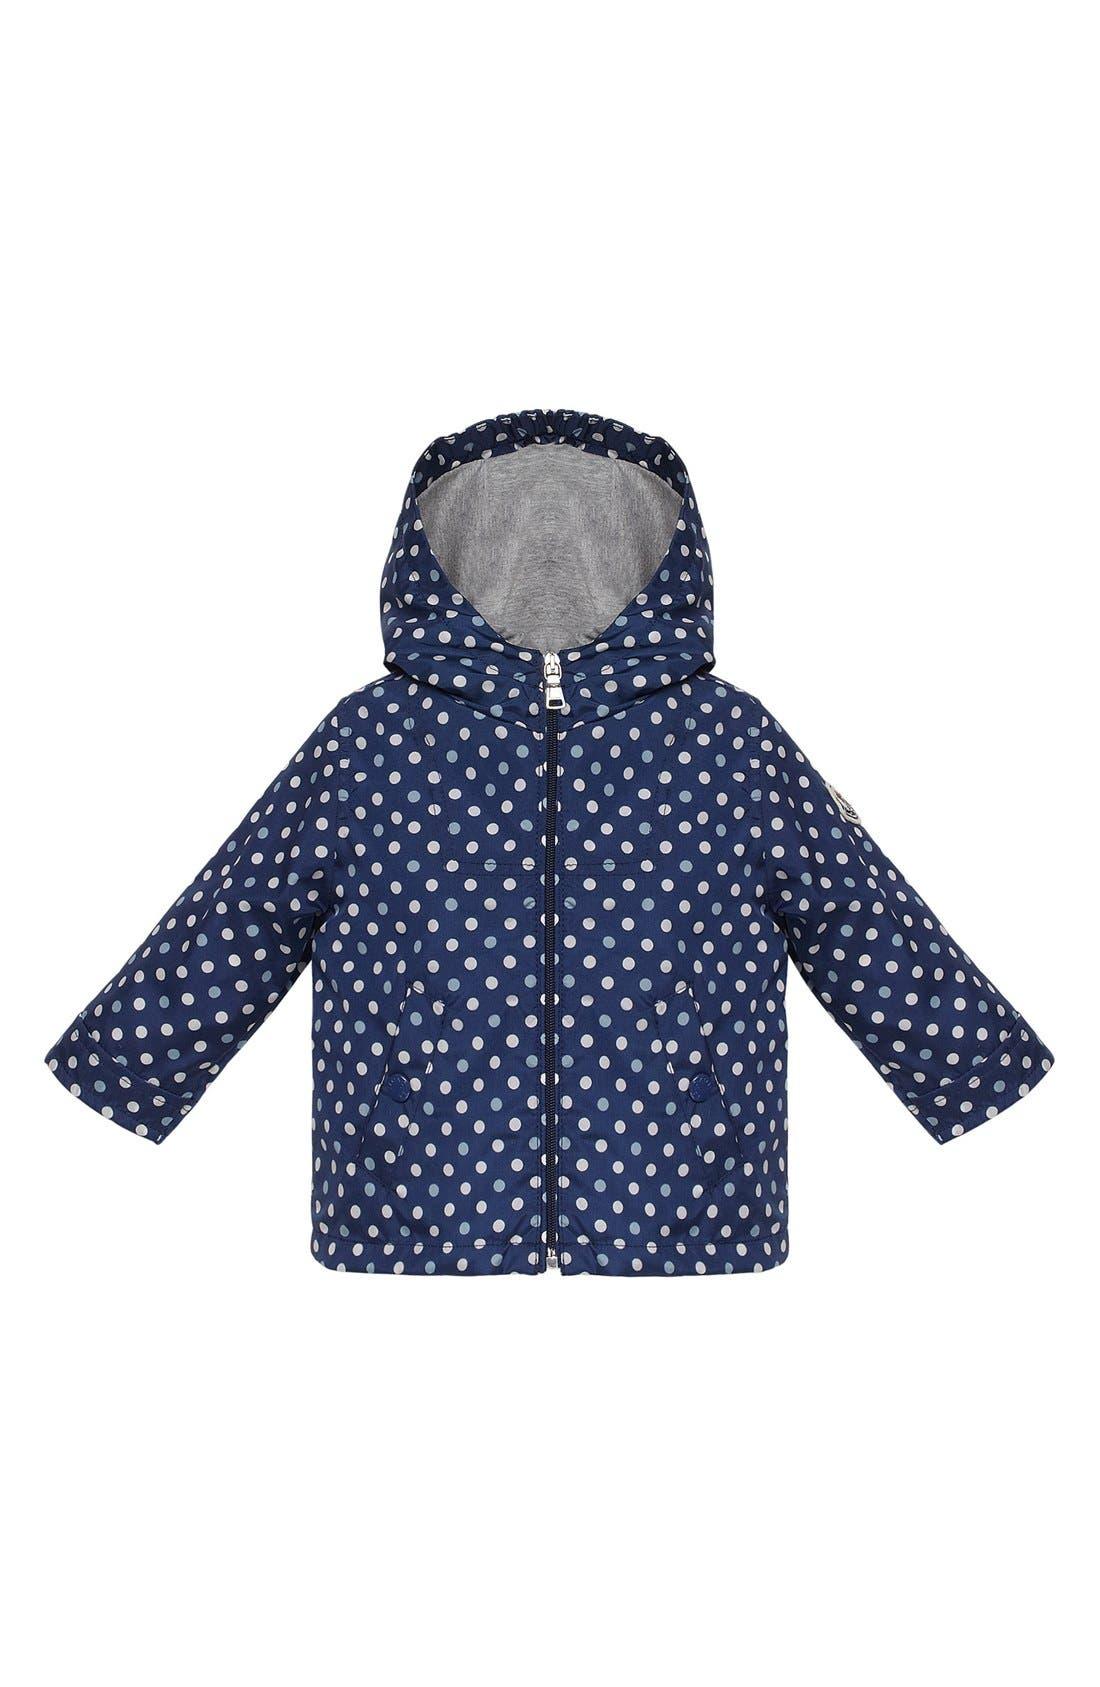 Main Image - Moncler Polka Dot Jacket (Toddler Girls)